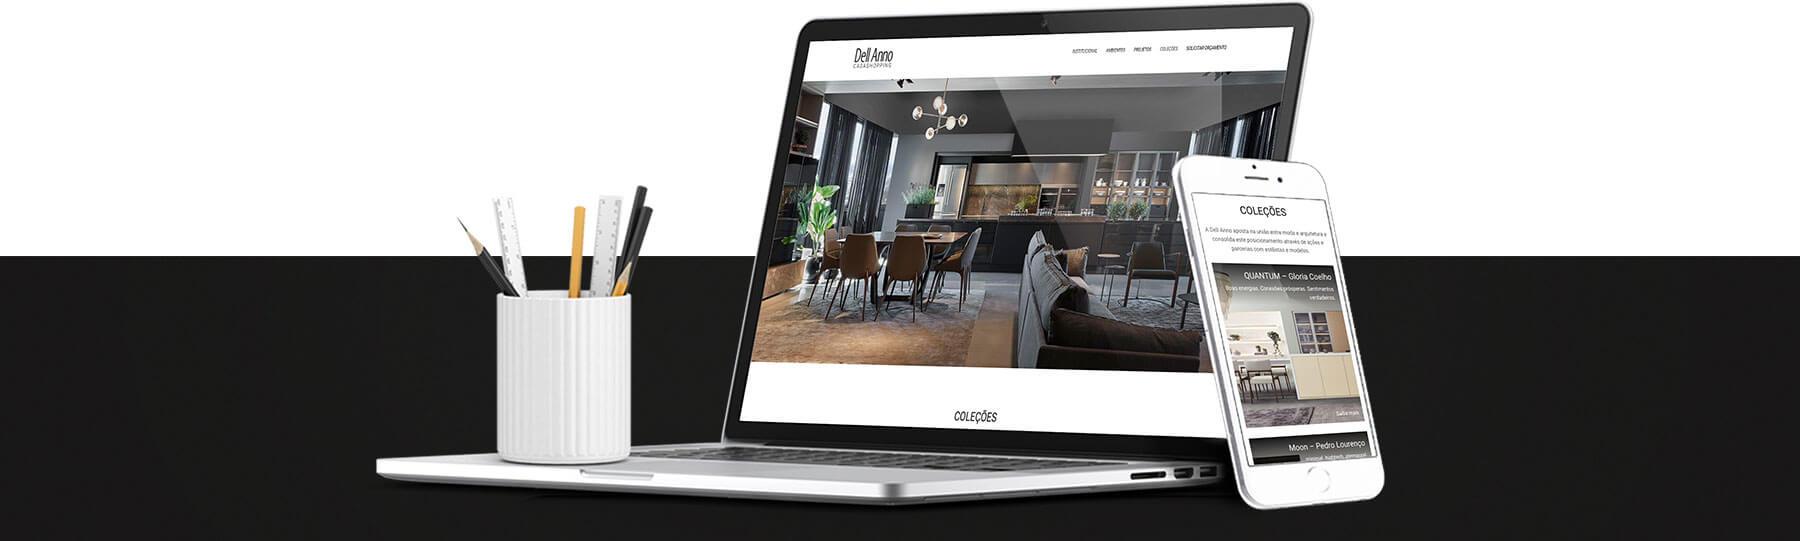 Site Dell Anno casashopping